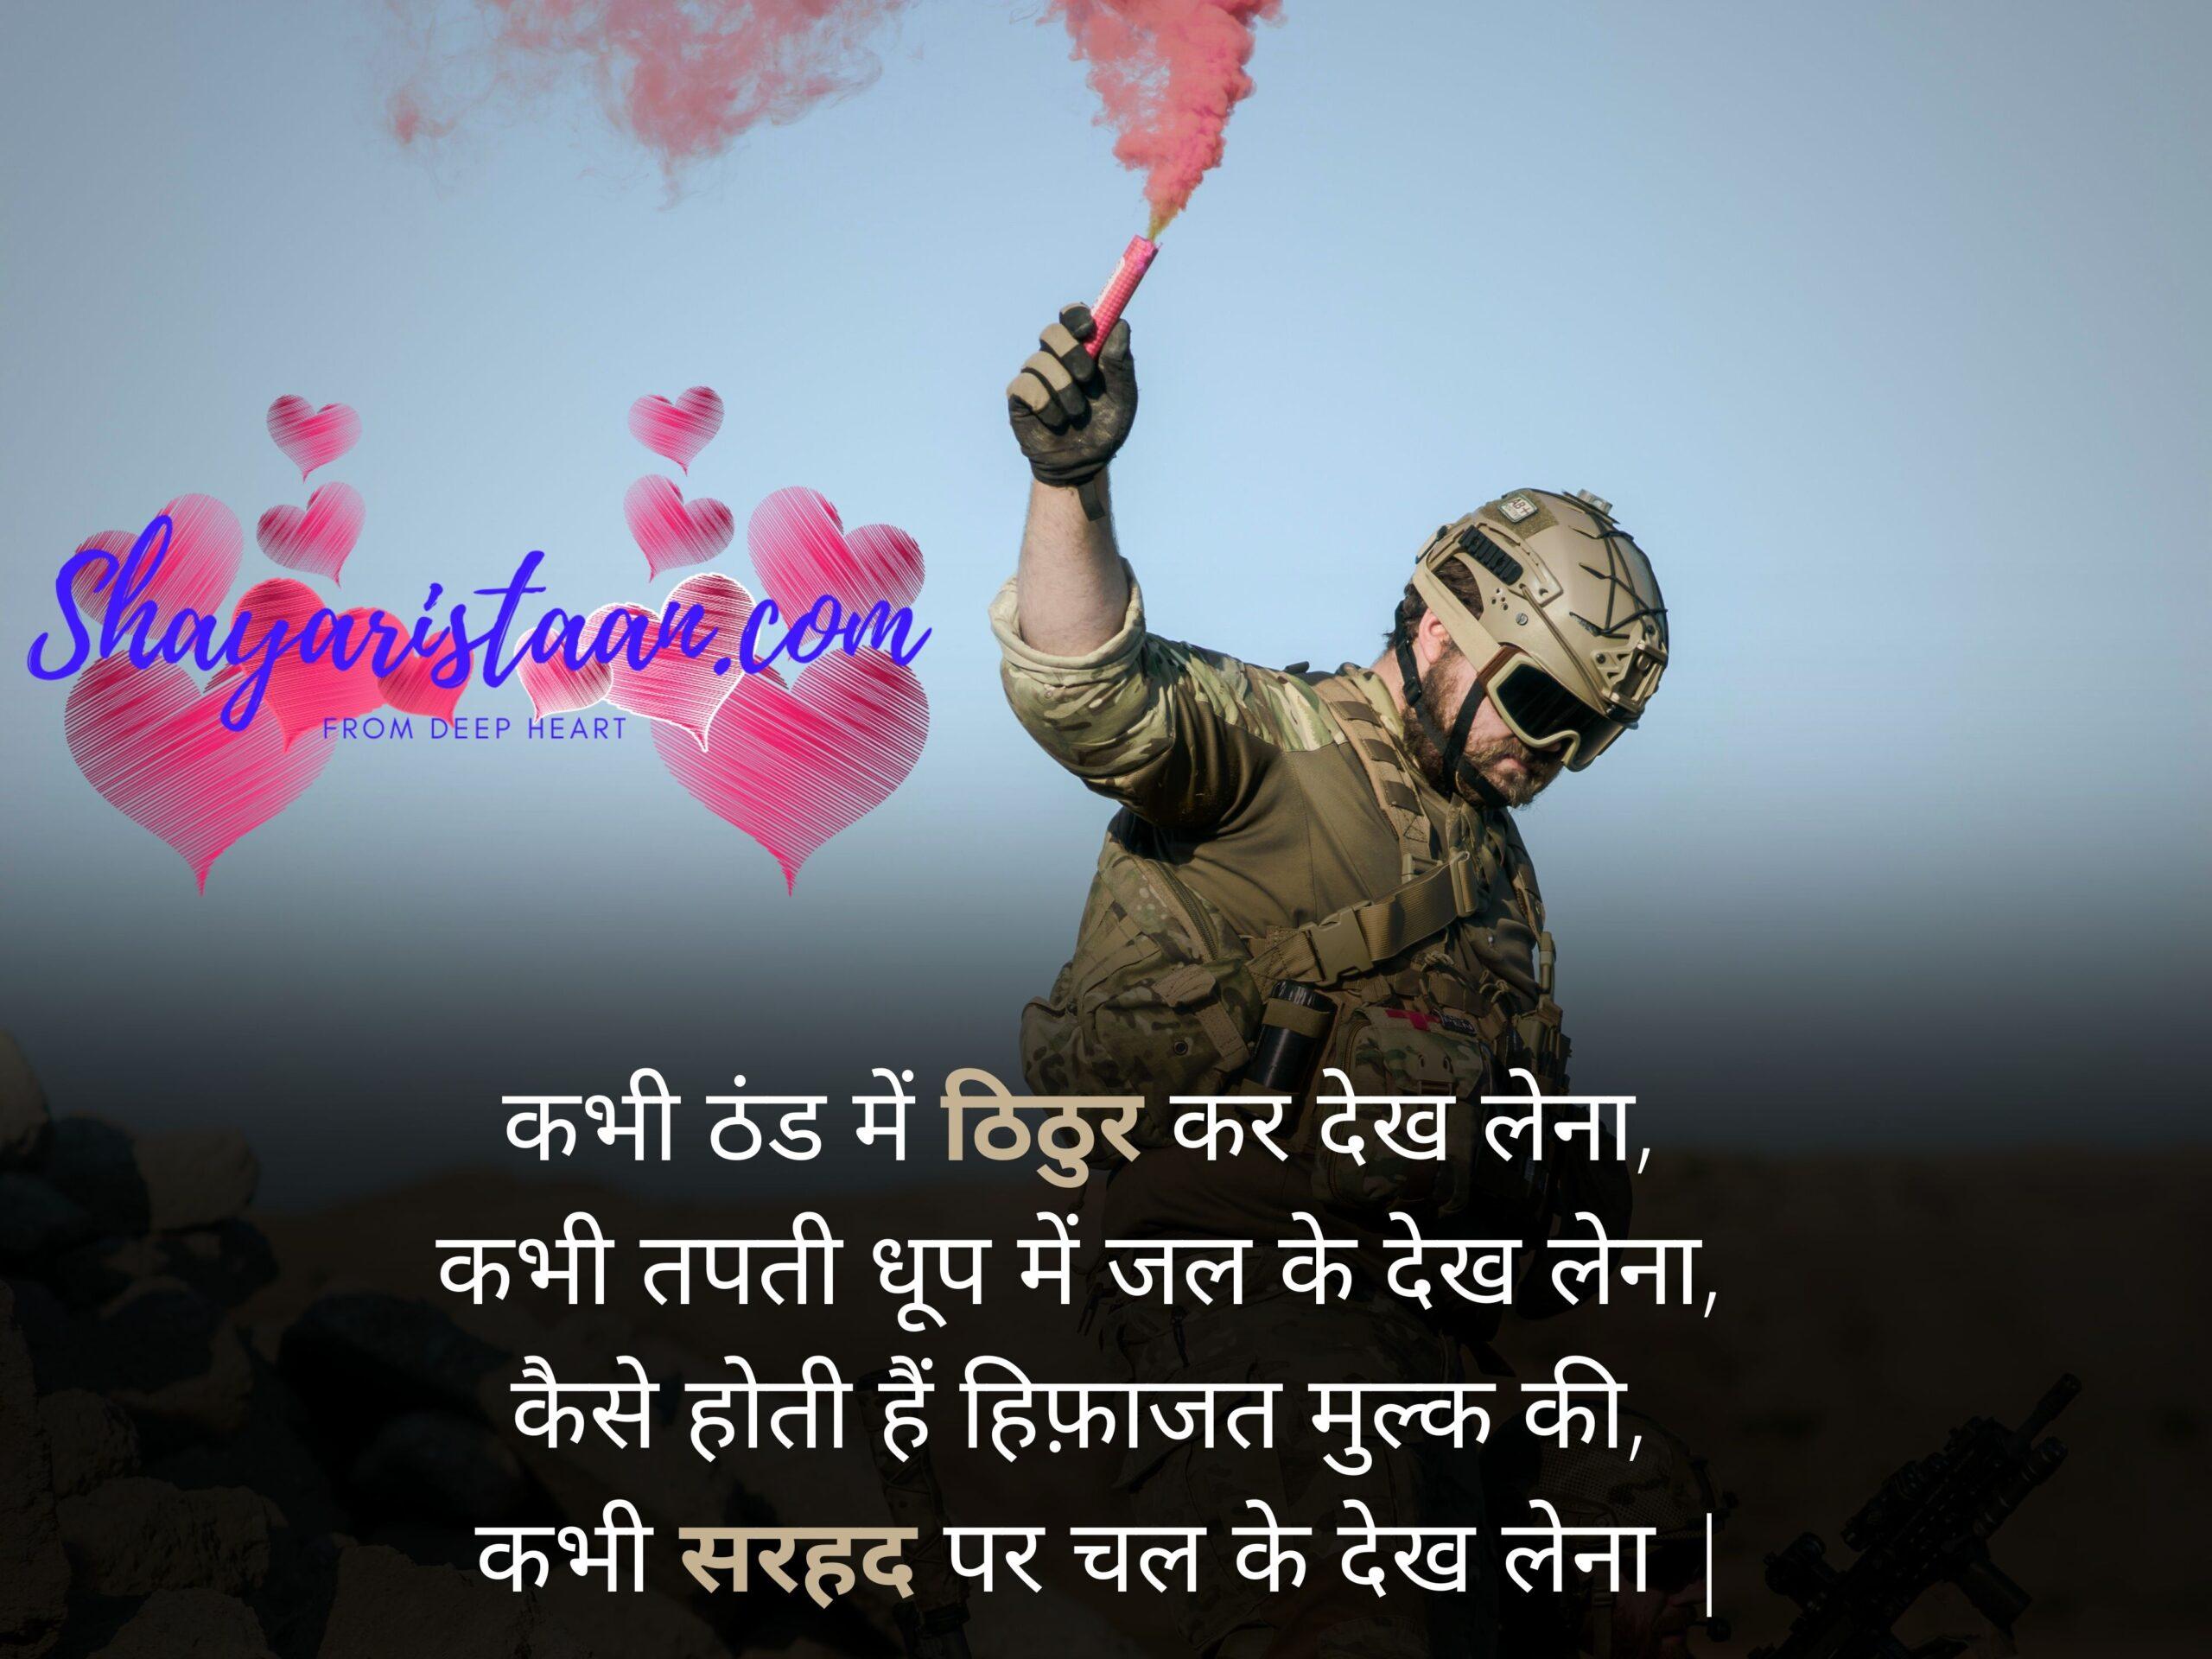 army status | कभी ठंड में ठिठुर कर देख लेना, कभी तपती धूप में जल के देख लेना, कैसे होती हैं हिफ़ाजत मुल्क की, कभी सरहद पर चल के देख लेना |